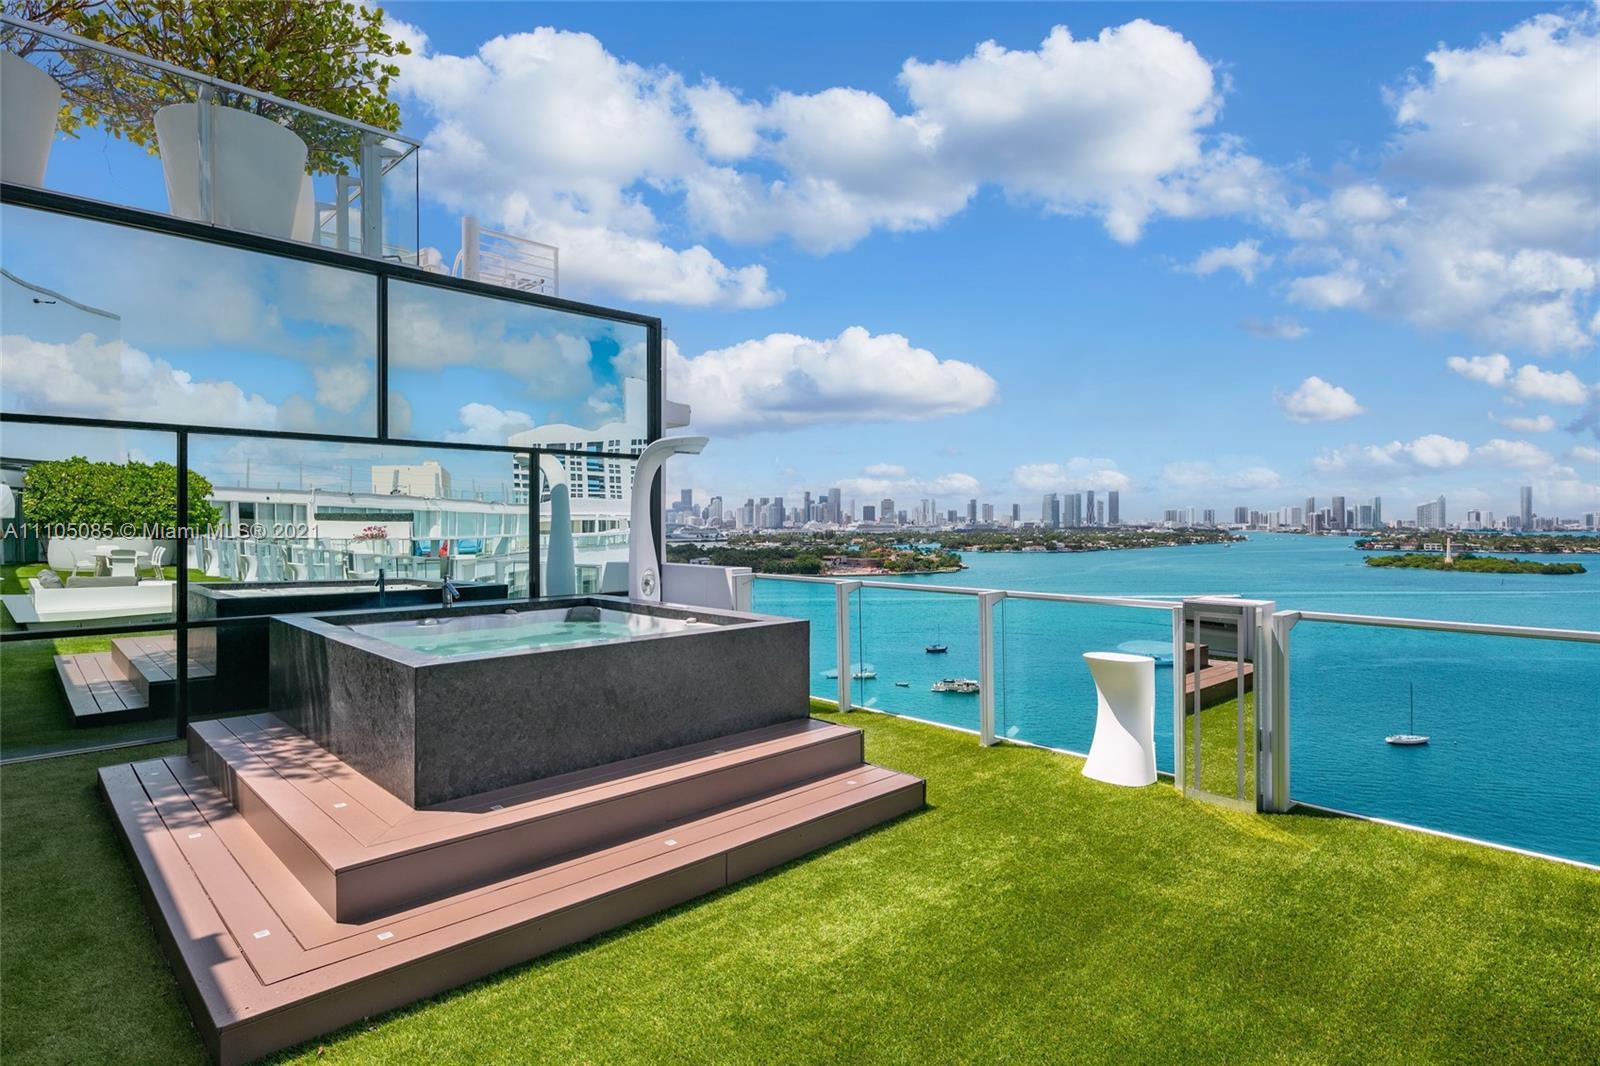 Mondrian South Beach #TS-2/3 - 1100 West Ave #TS-2/3, Miami Beach, FL 33139